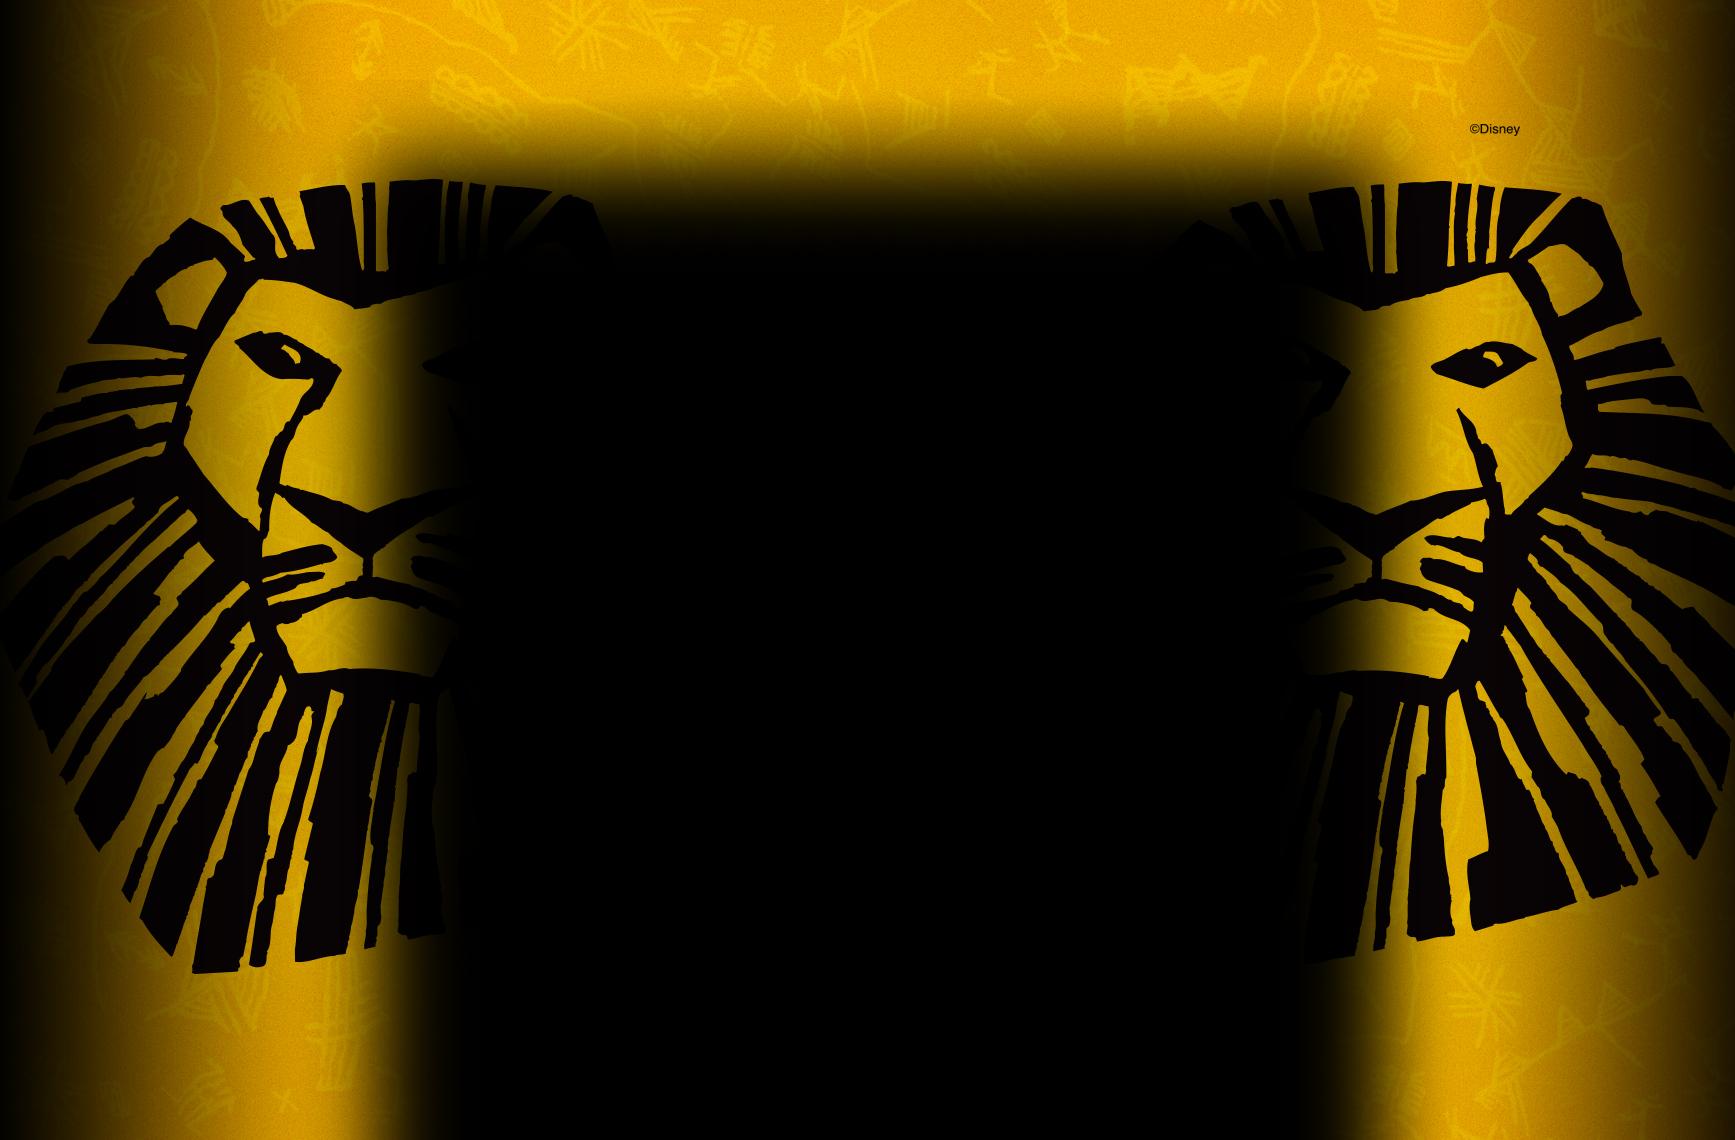 tlk-backgrounds-10804-new2.jpg